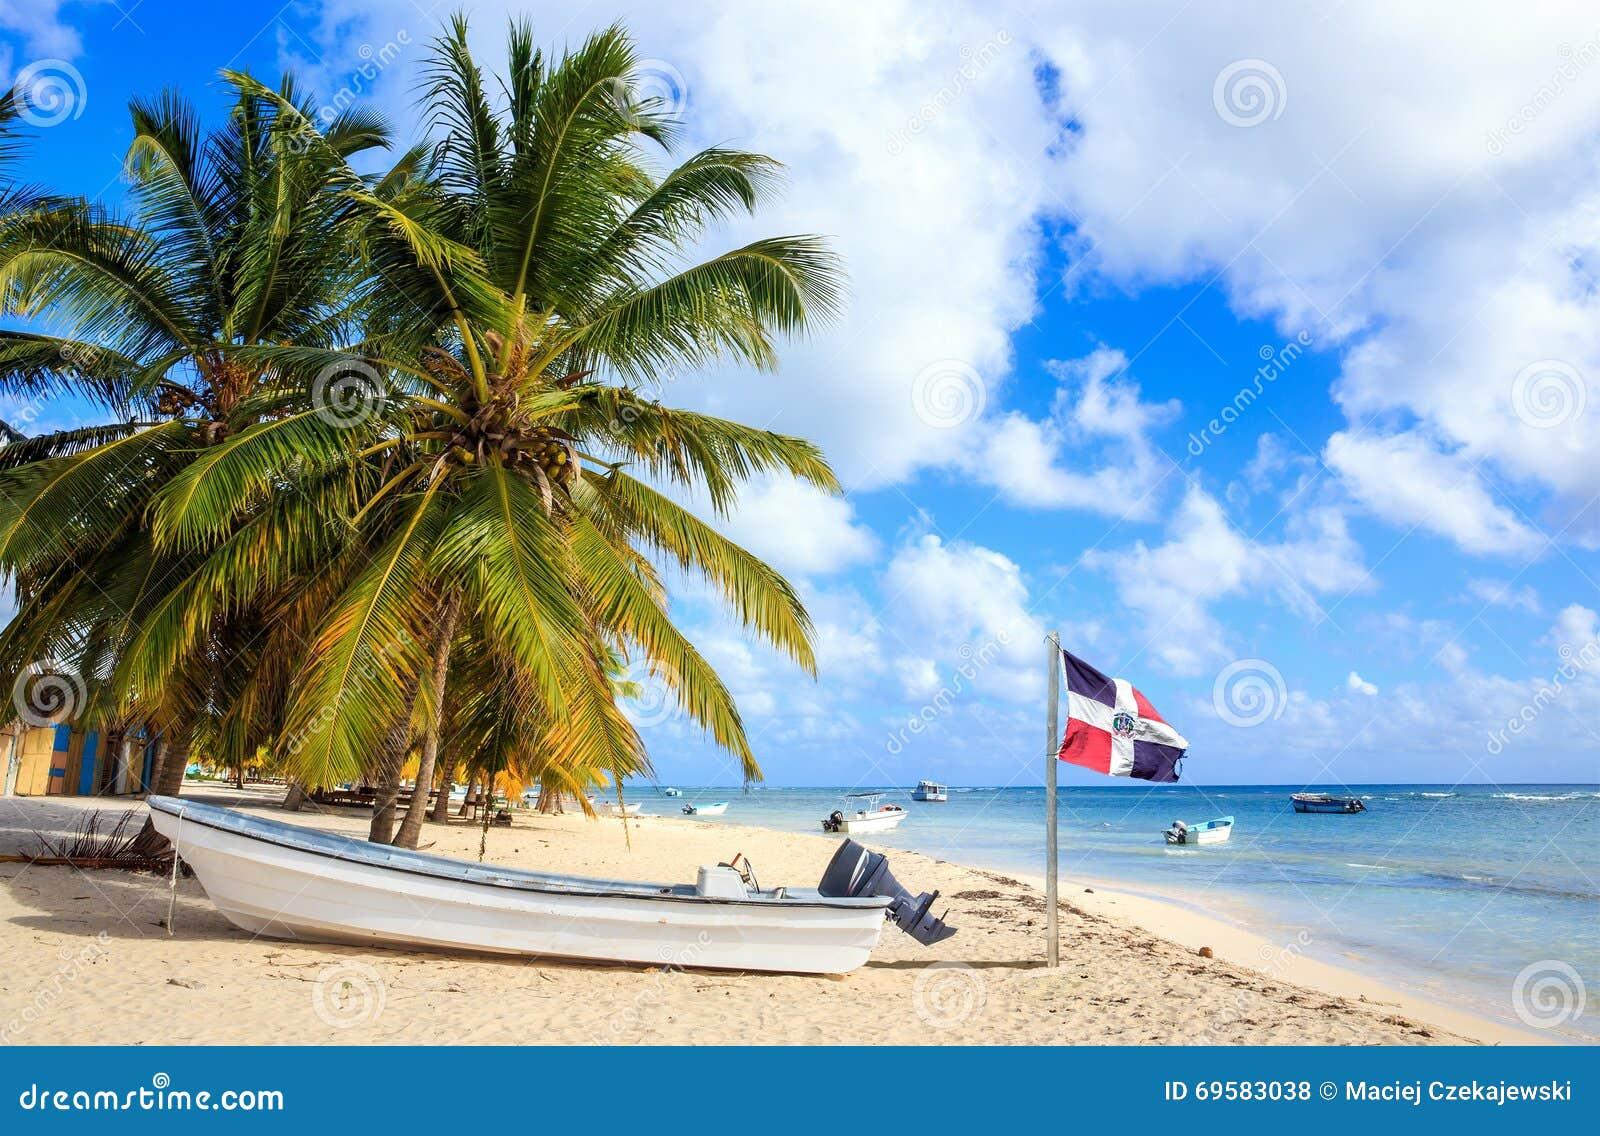 Karibischer Strand in der Dominikanischen Republik